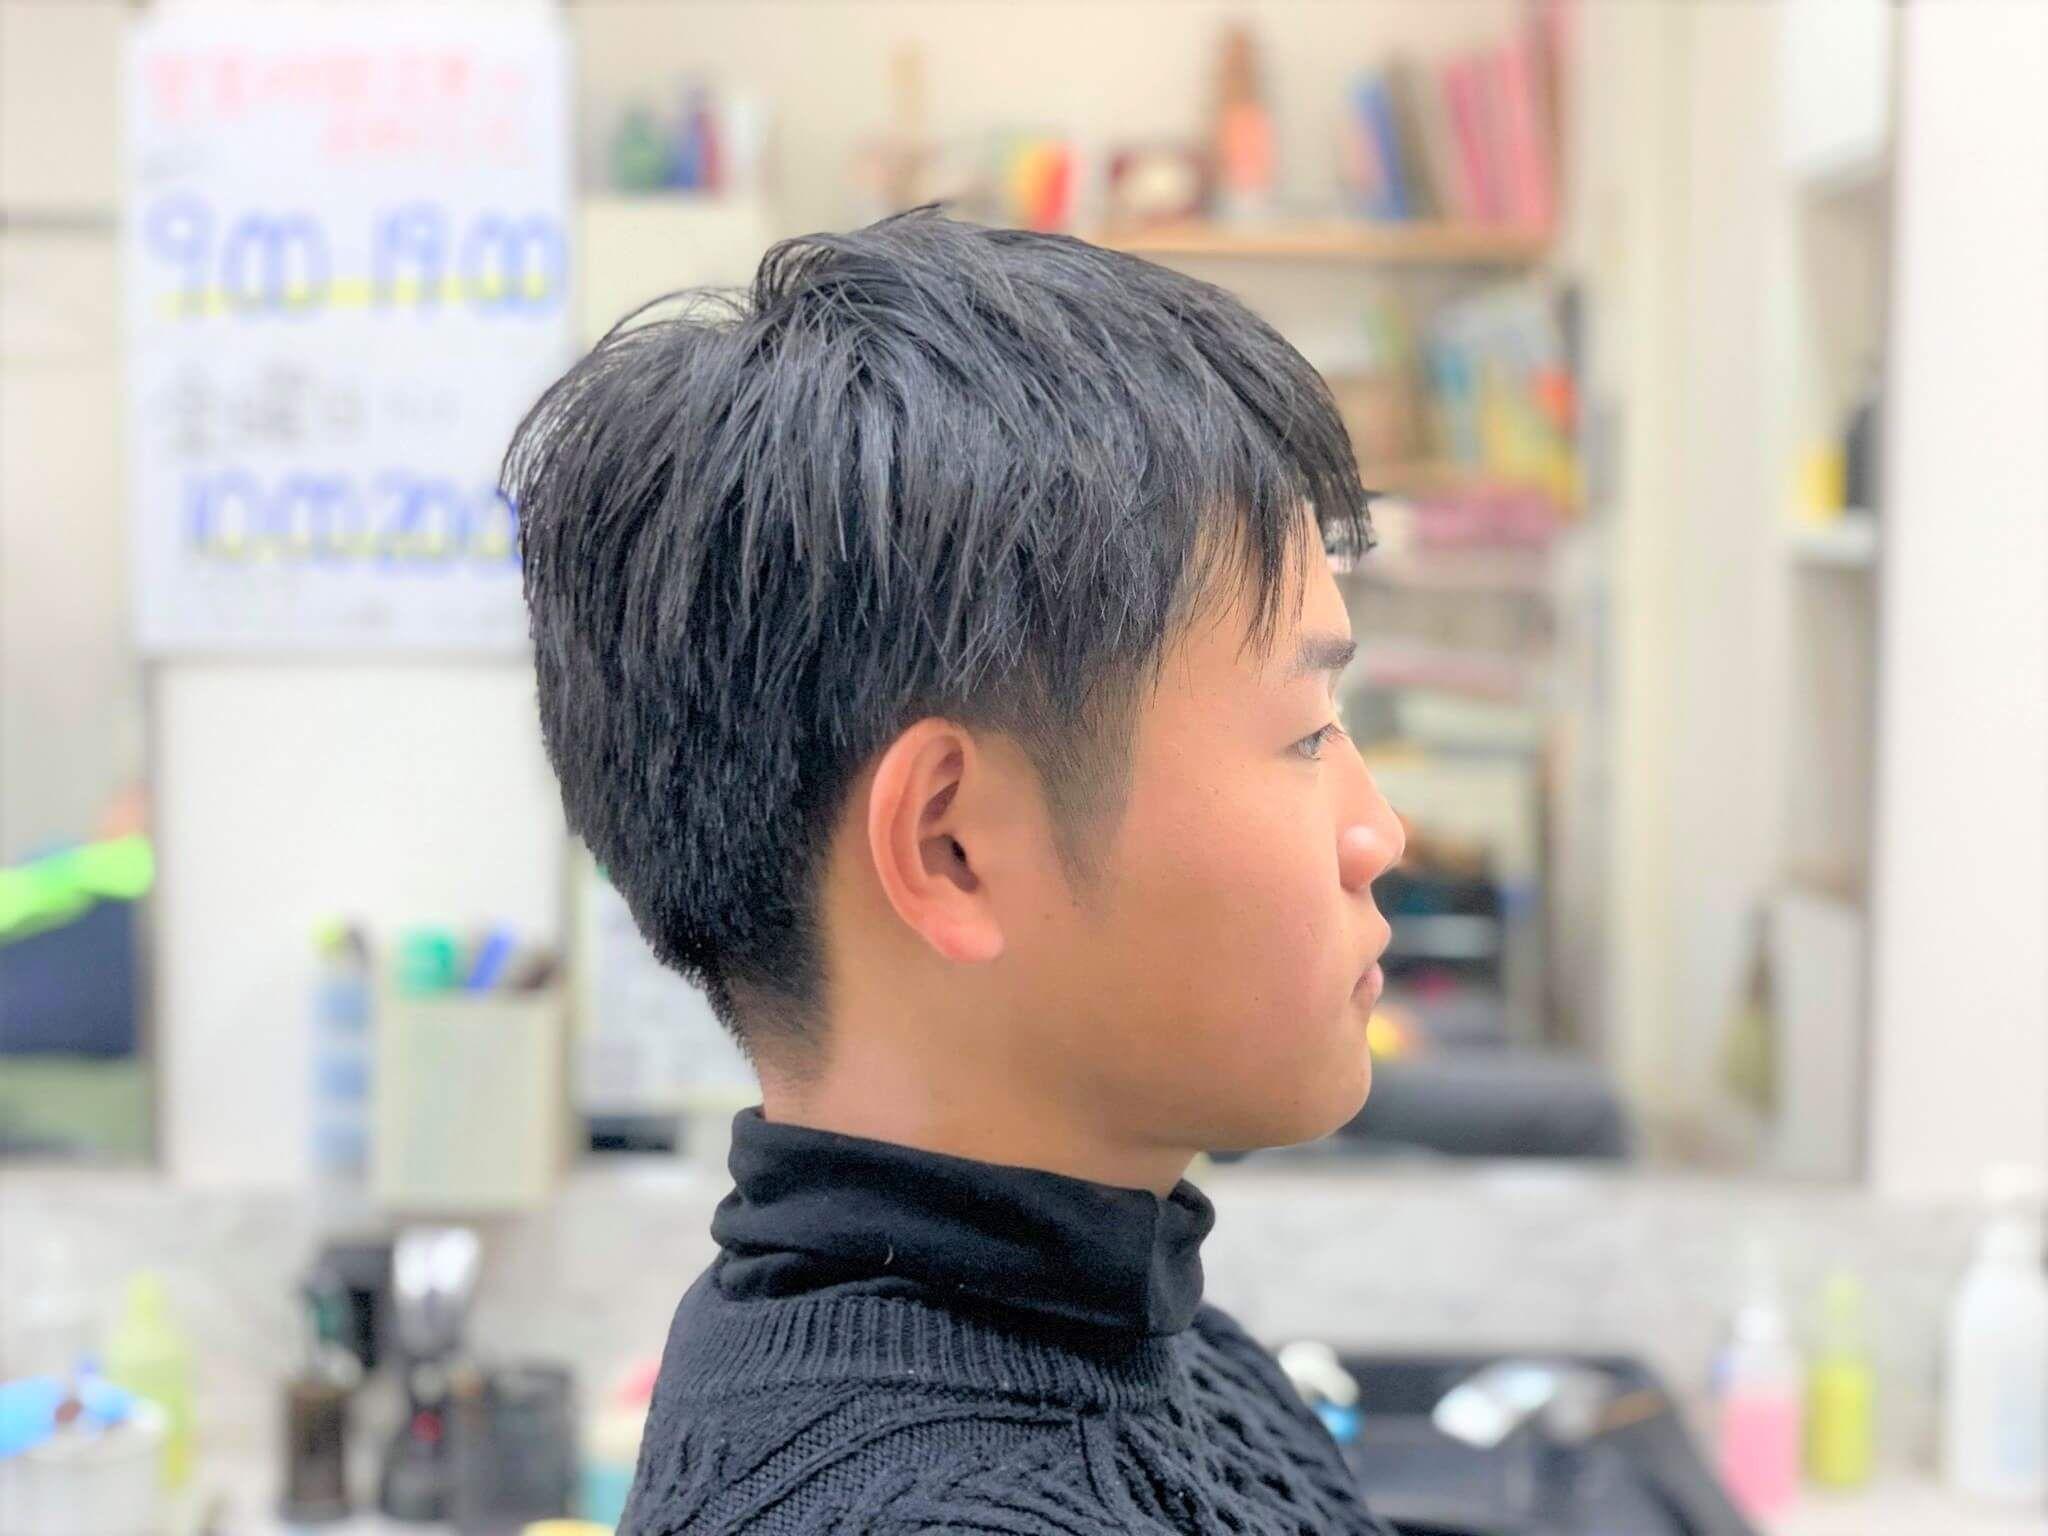 10 代 男子 ヘア スタイル